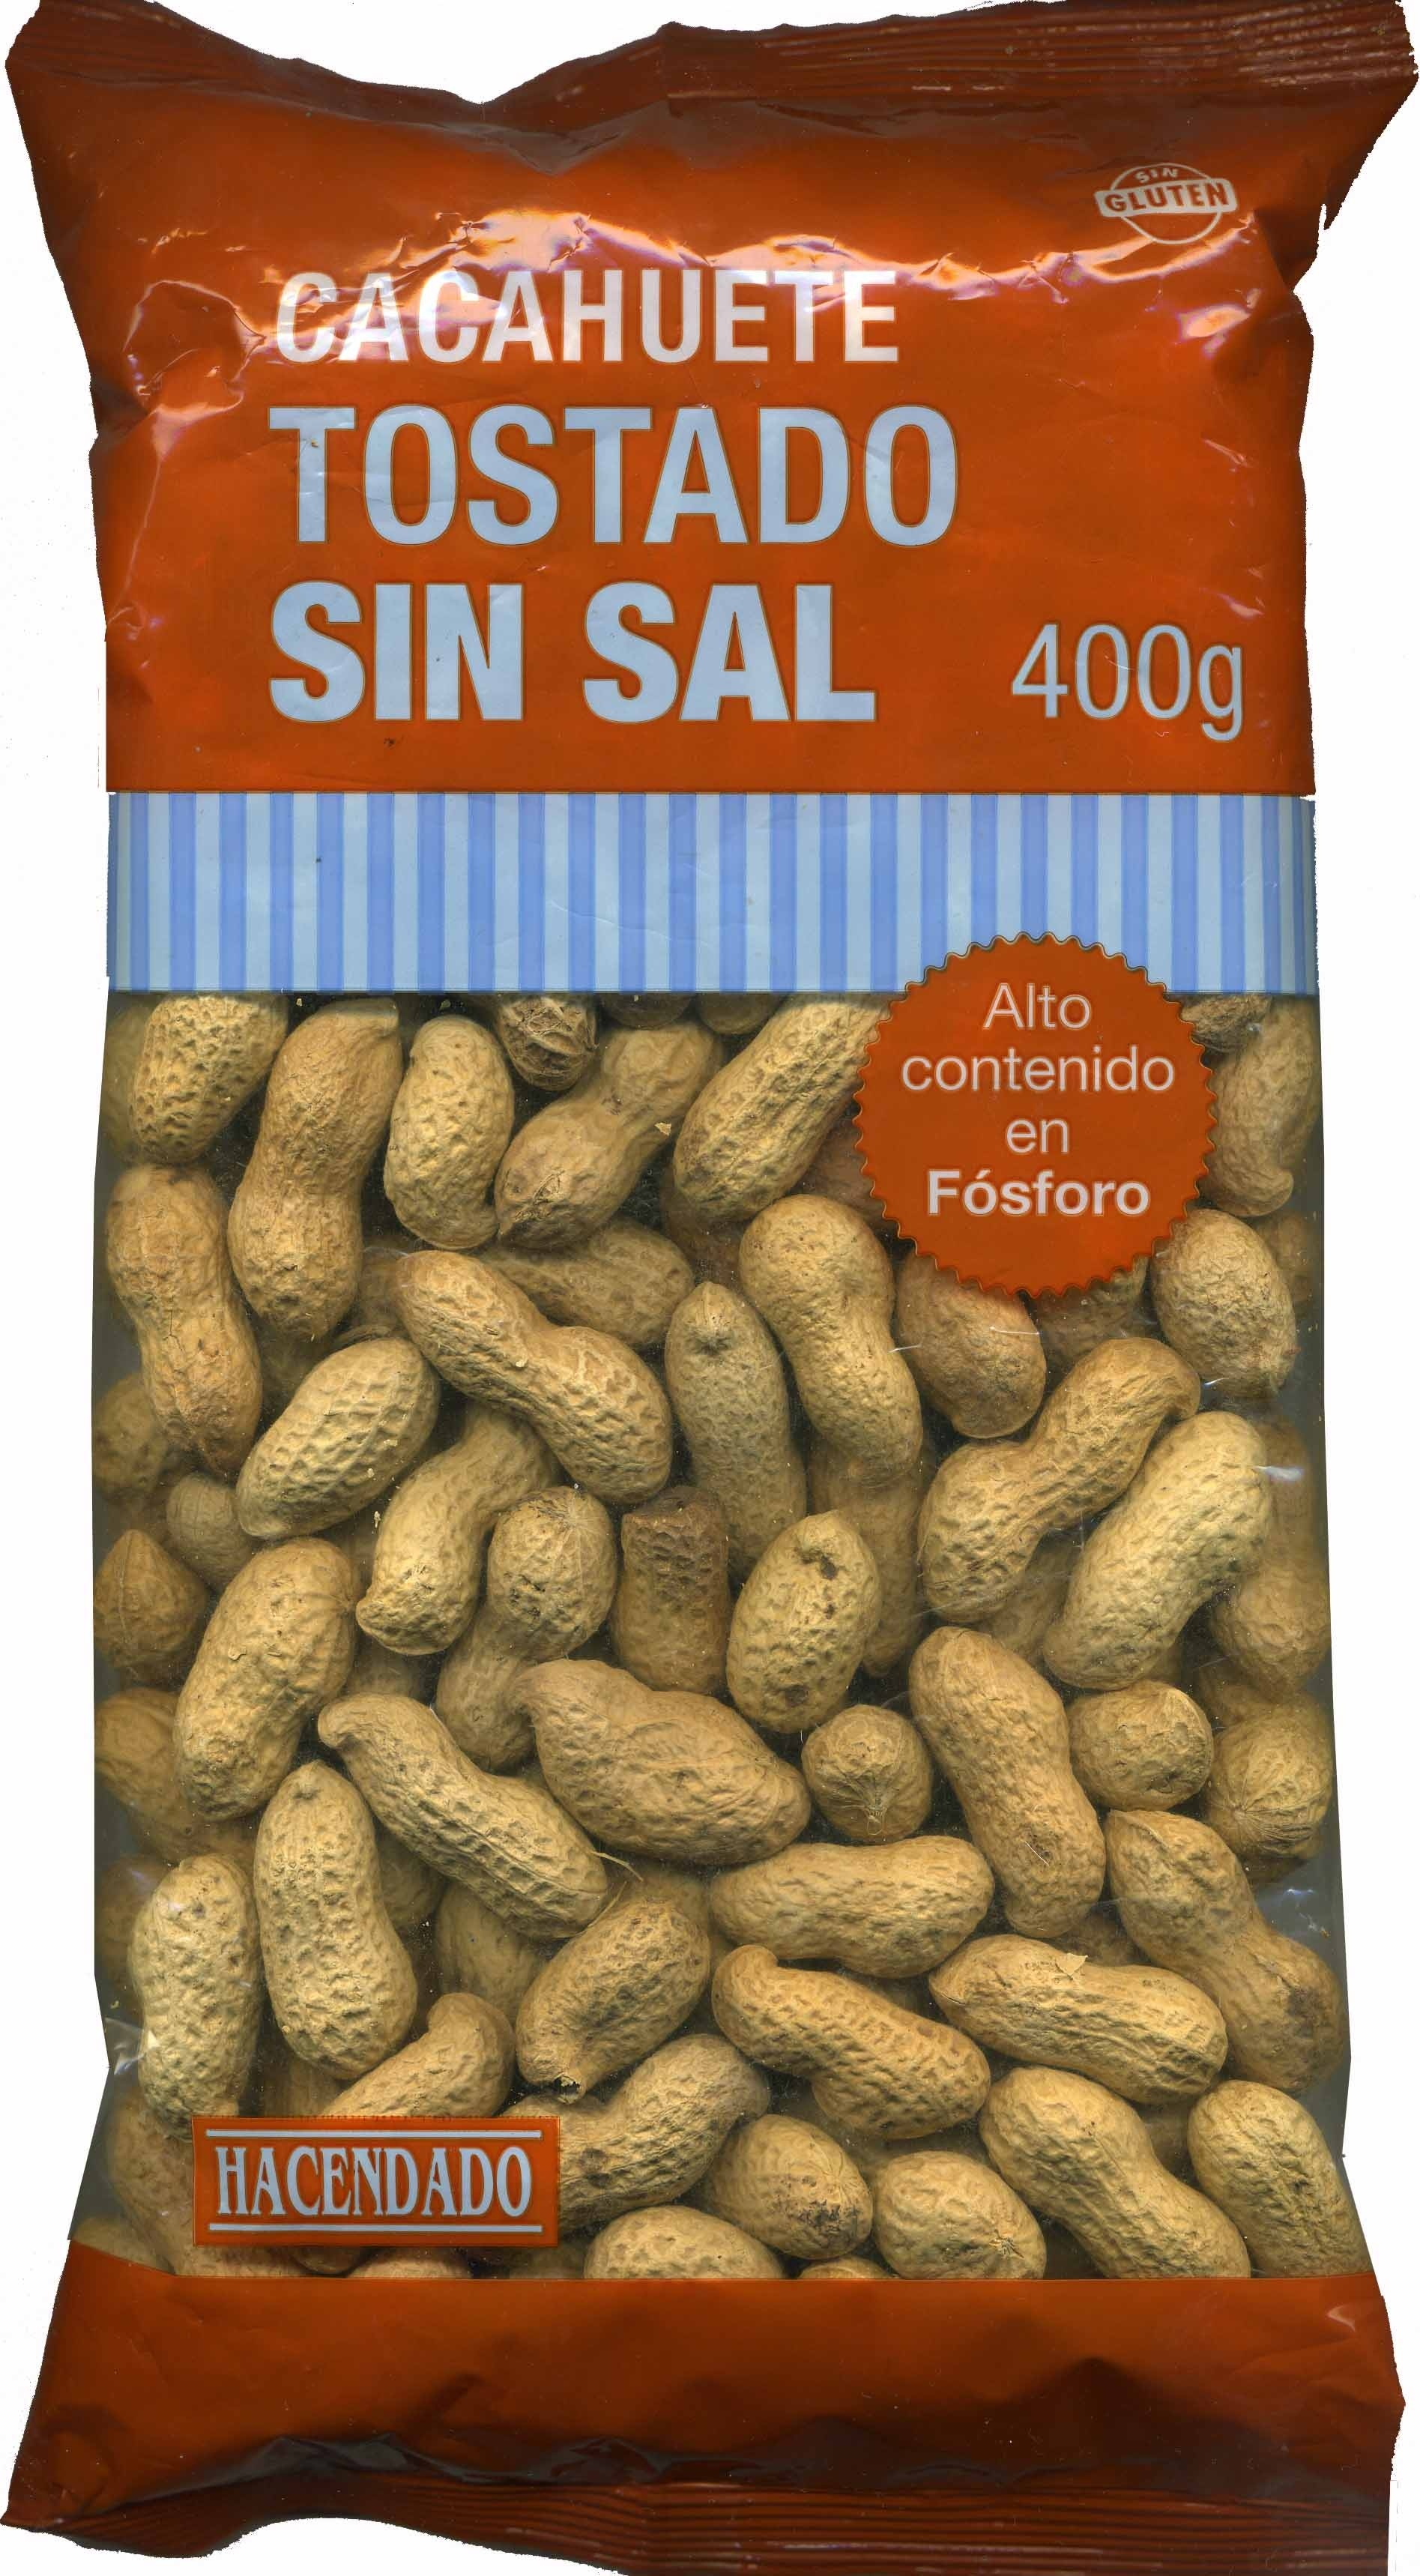 Cacahuete tostado 0% sal añadida - Producto